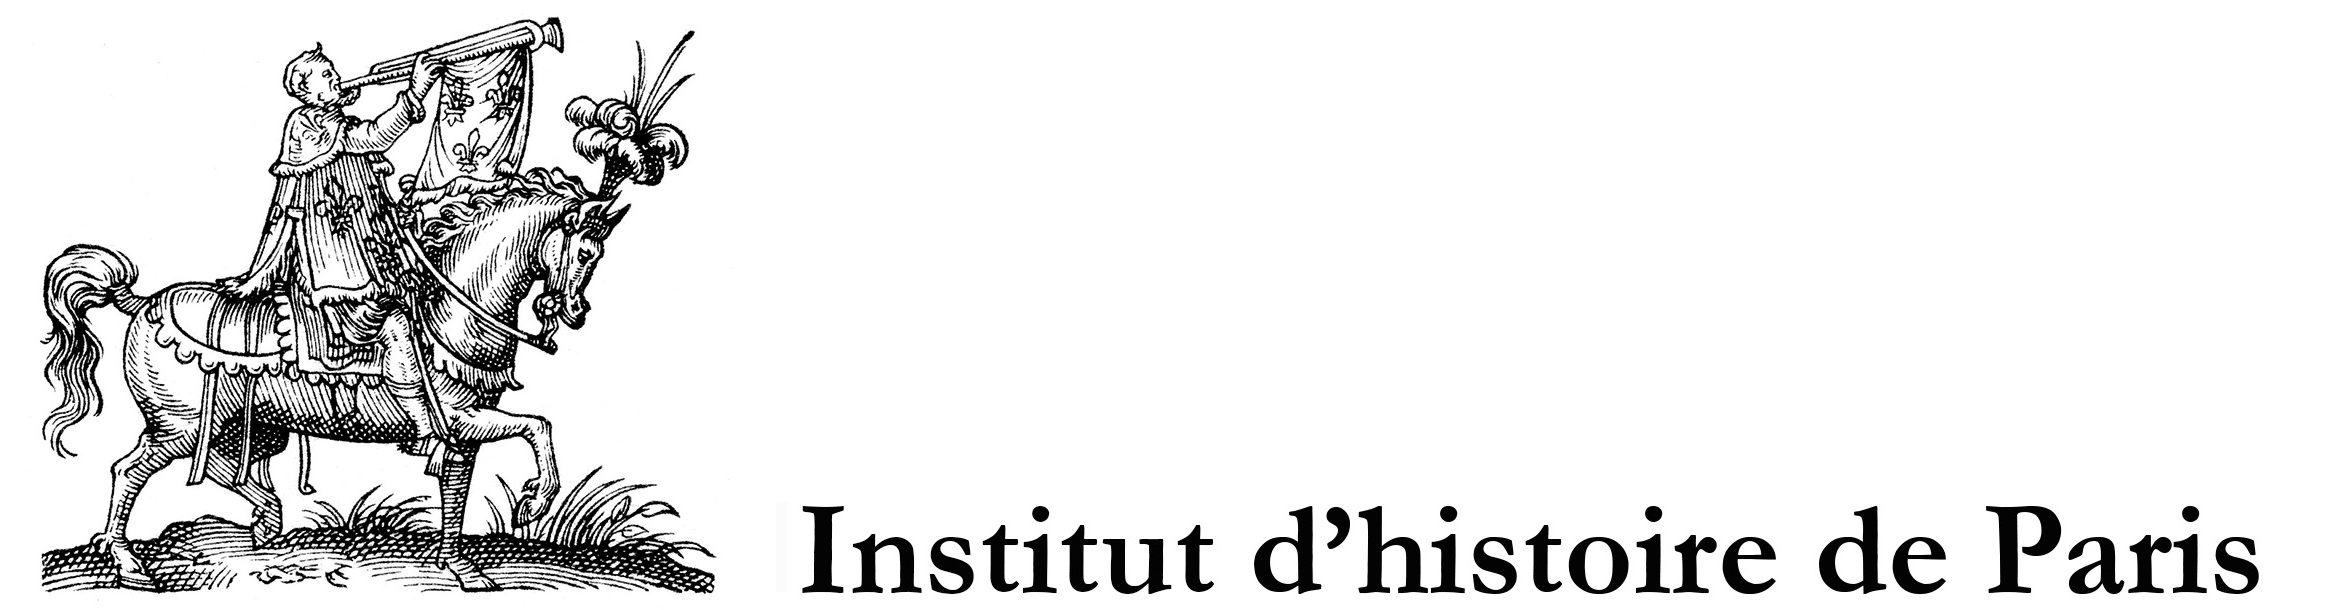 Institut d'histoire de Paris